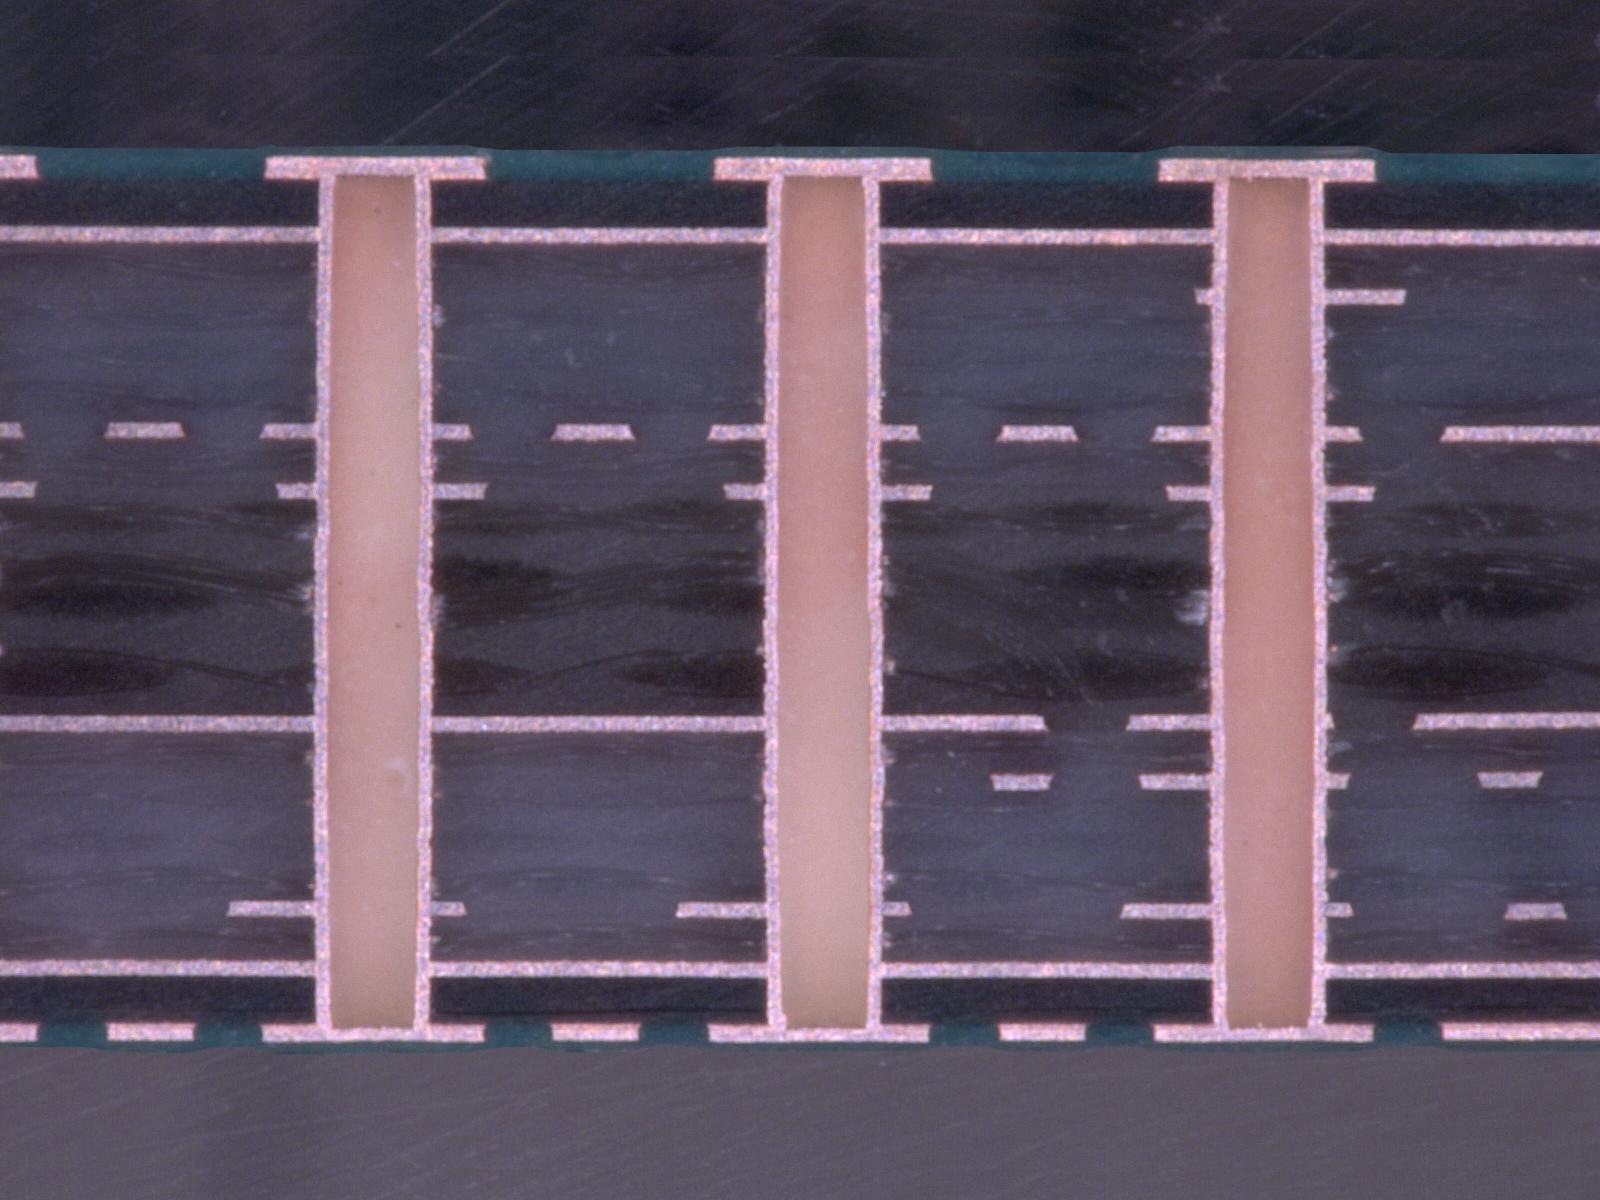 leiterplatte-10-lagen-microsection.jpg